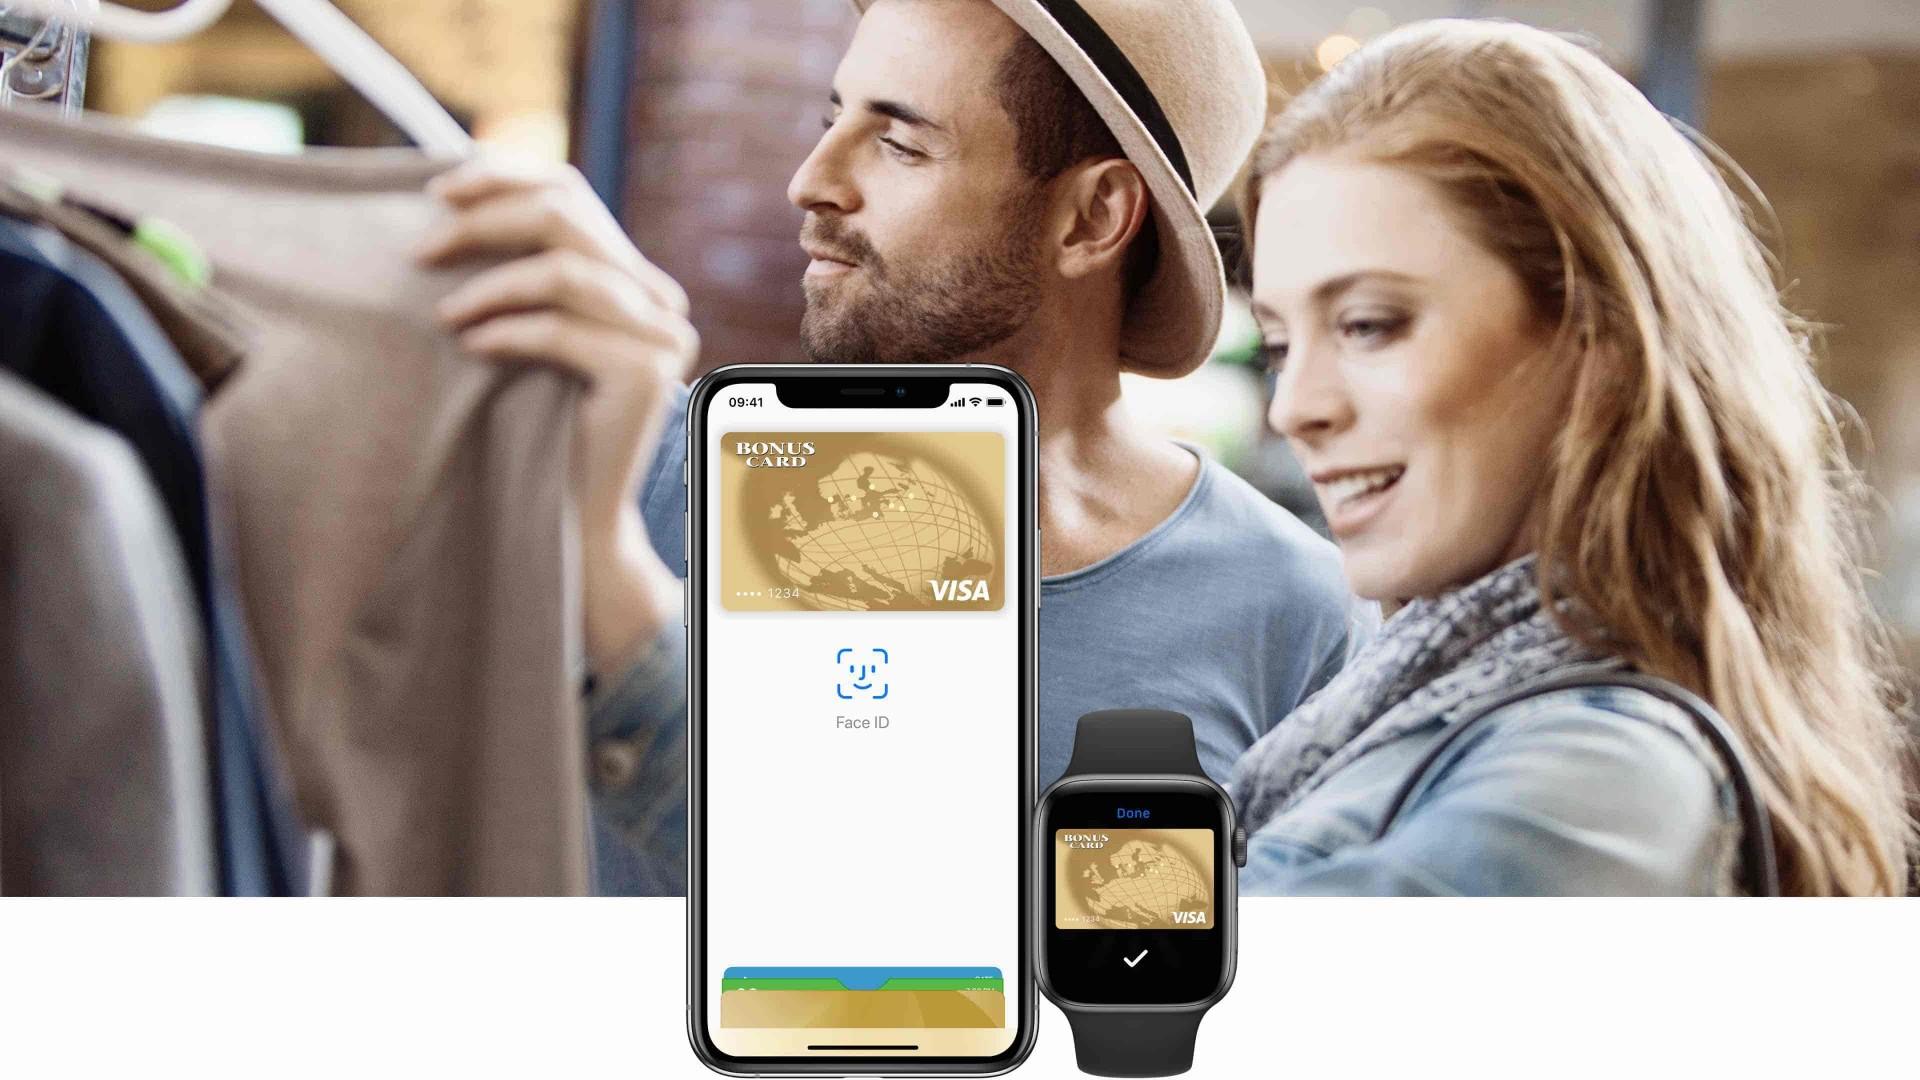 Bonuscard Apple Pay